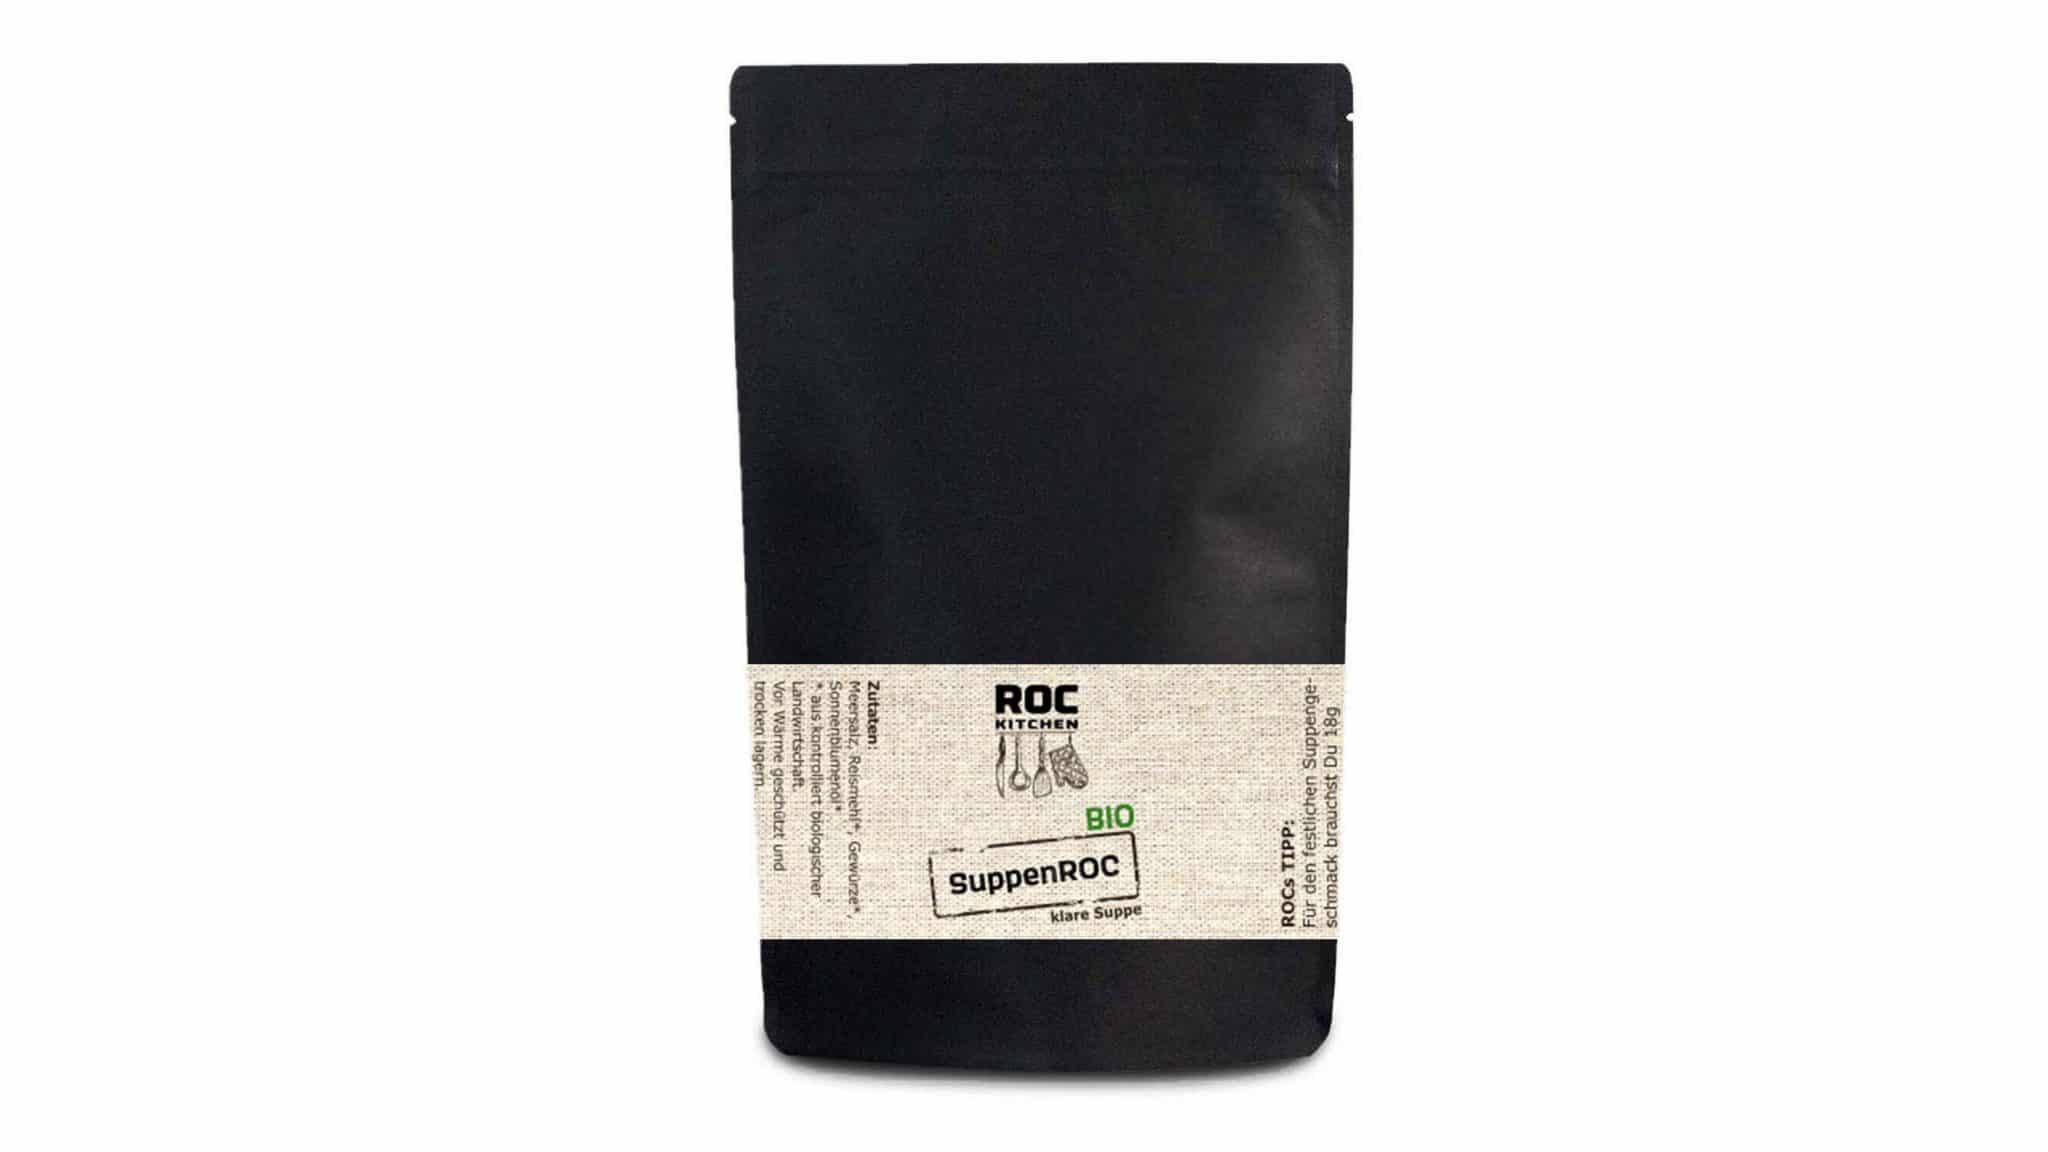 ROC-Kitchen Bio SuppenROC